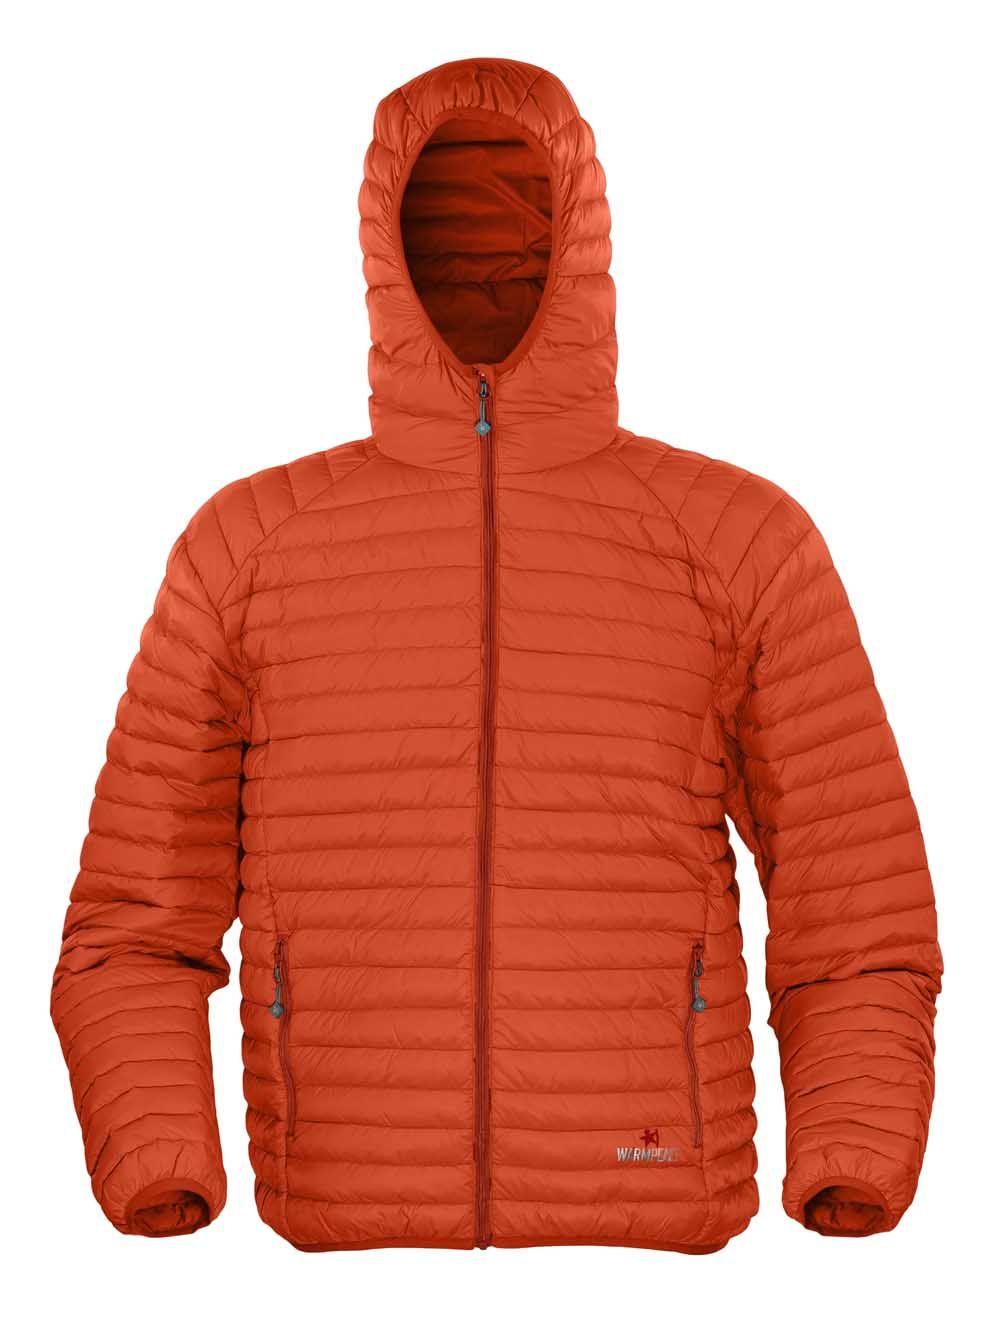 Outdoorix - Warmpeace Nordvik HD orange